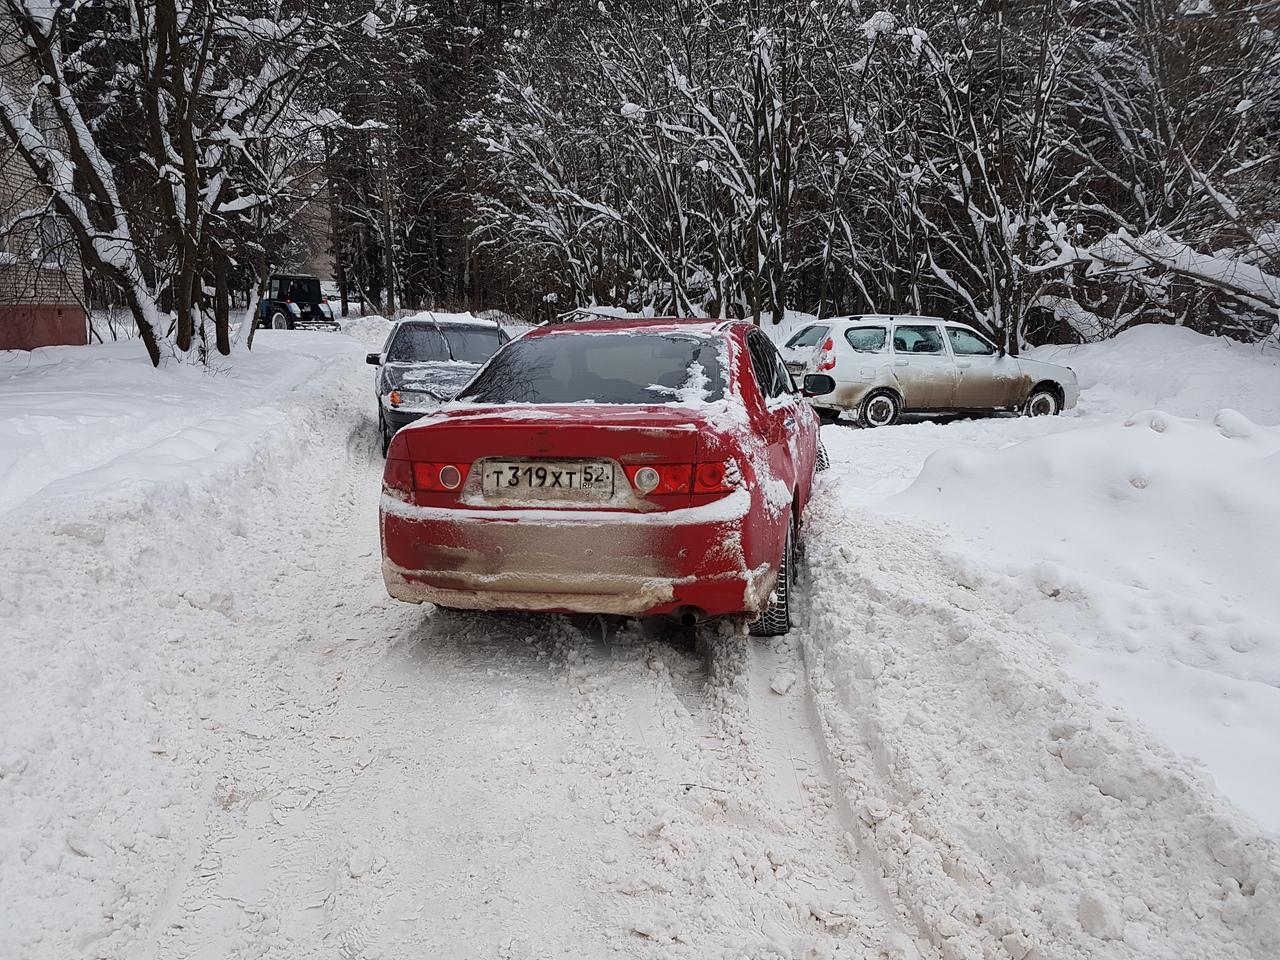 «Въехать во двор можно только на снегоходе»: чепчане жалуются на работу коммунальщиков